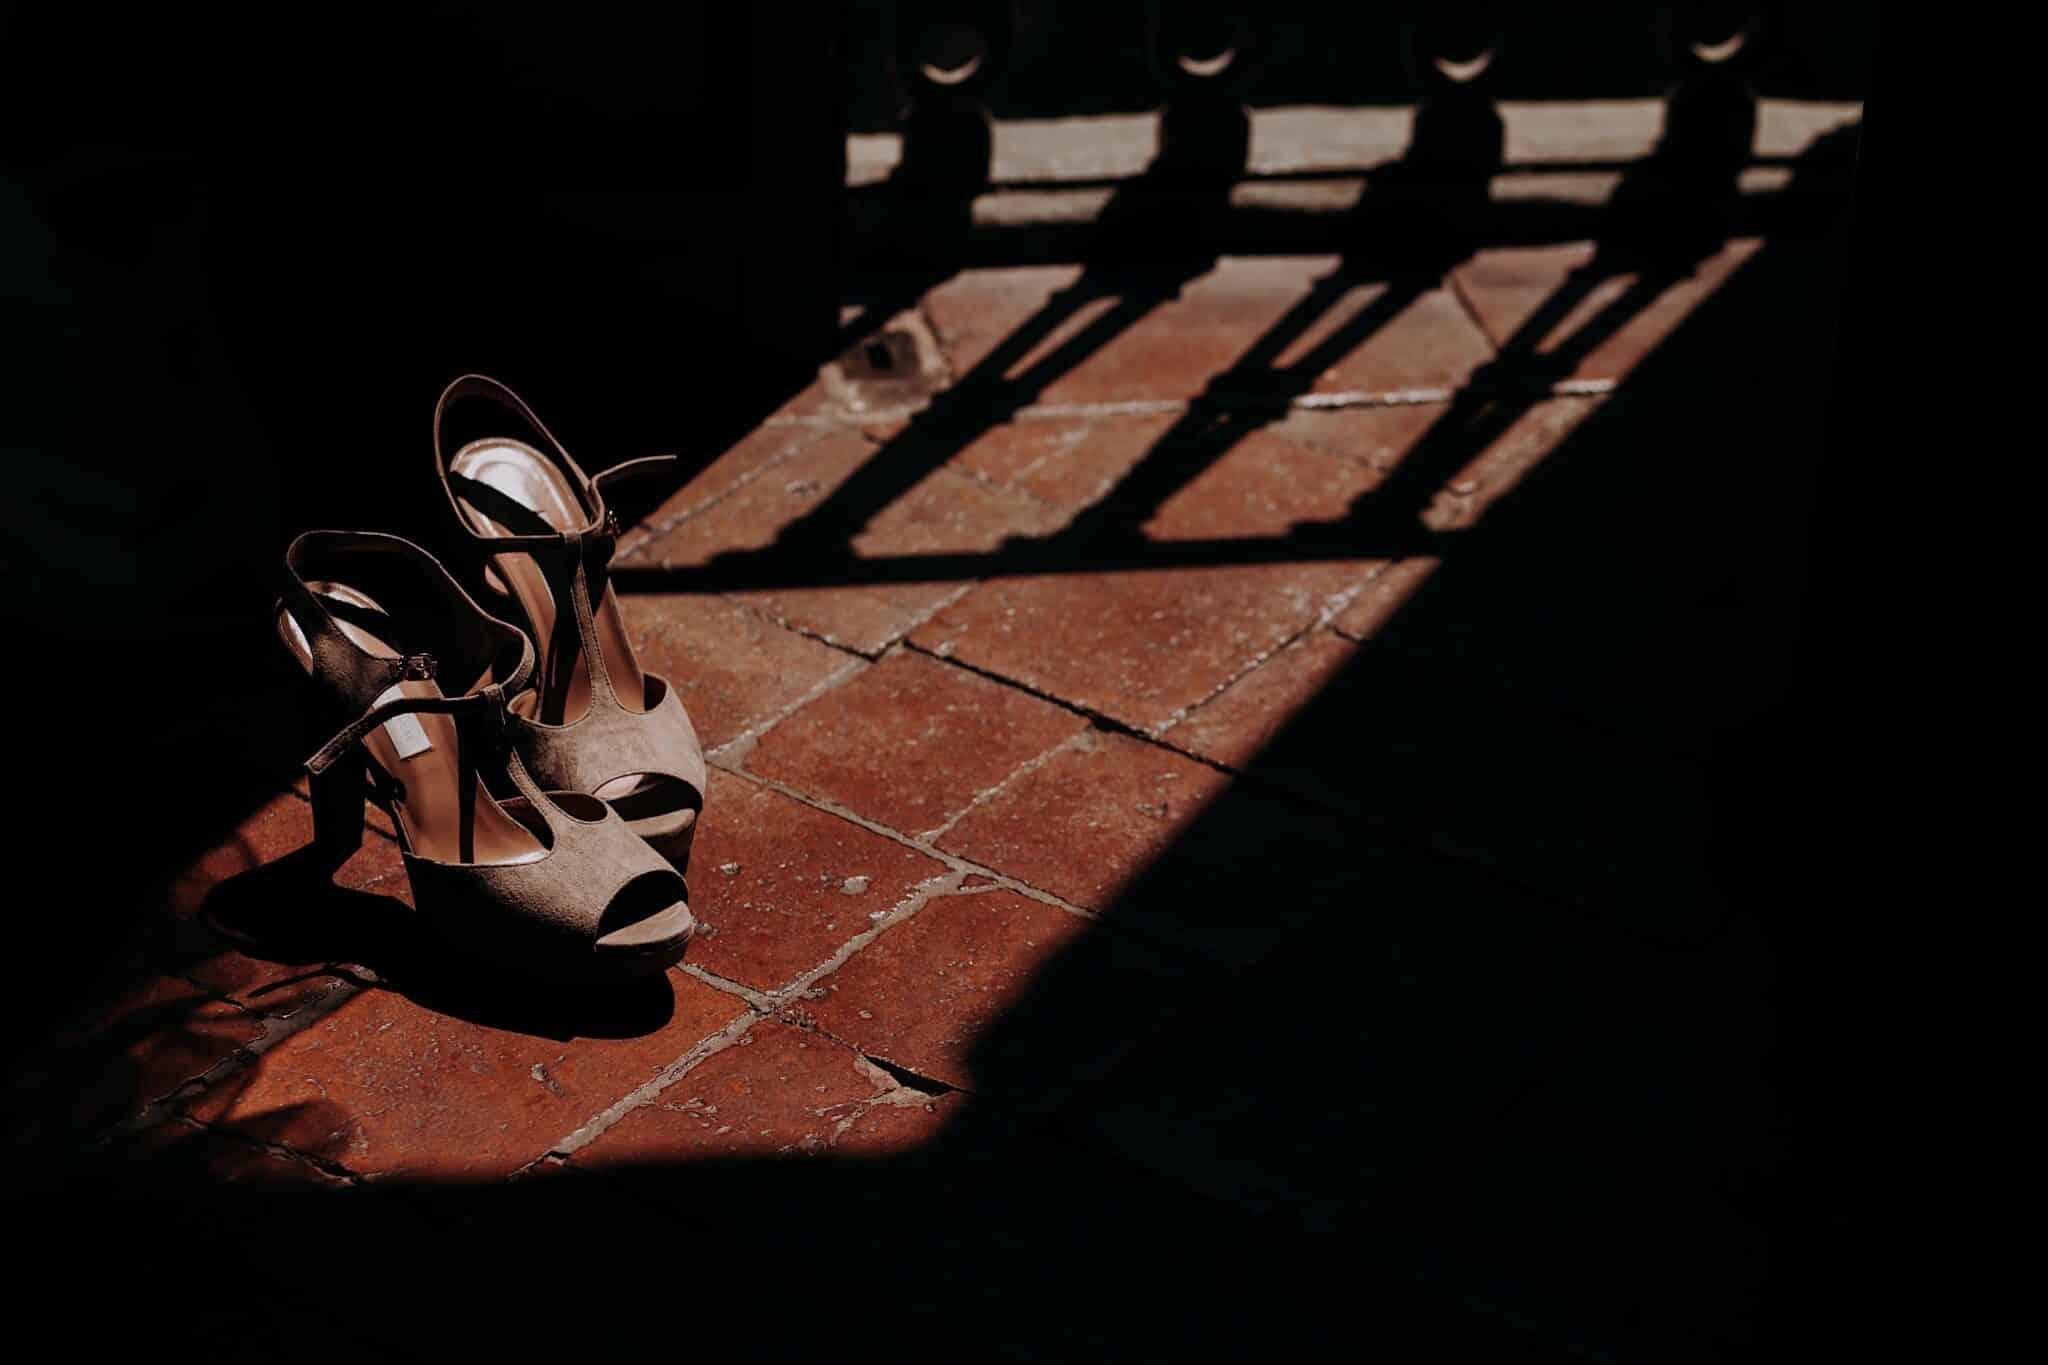 le scarpe della sposa durante i preparativi